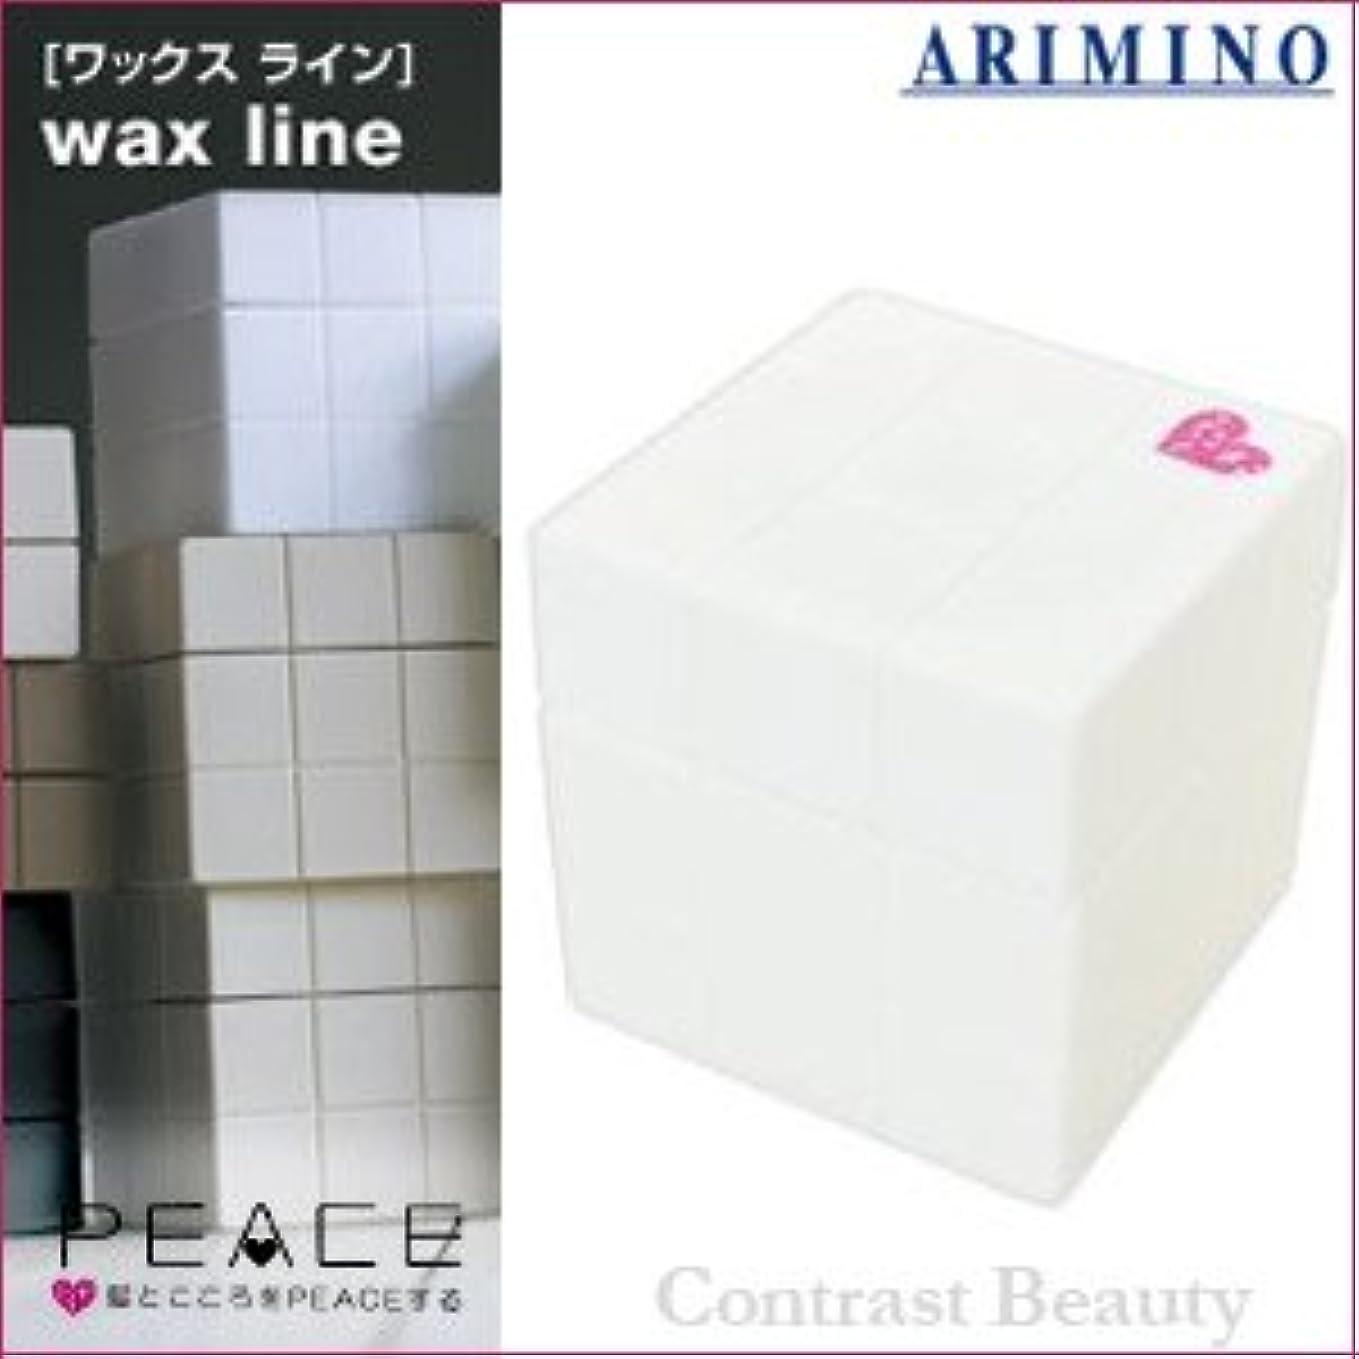 歴史そう挽く【X5個セット】 アリミノ ピース プロデザインシリーズ グロスワックス ホワイト 80g ARIMINO